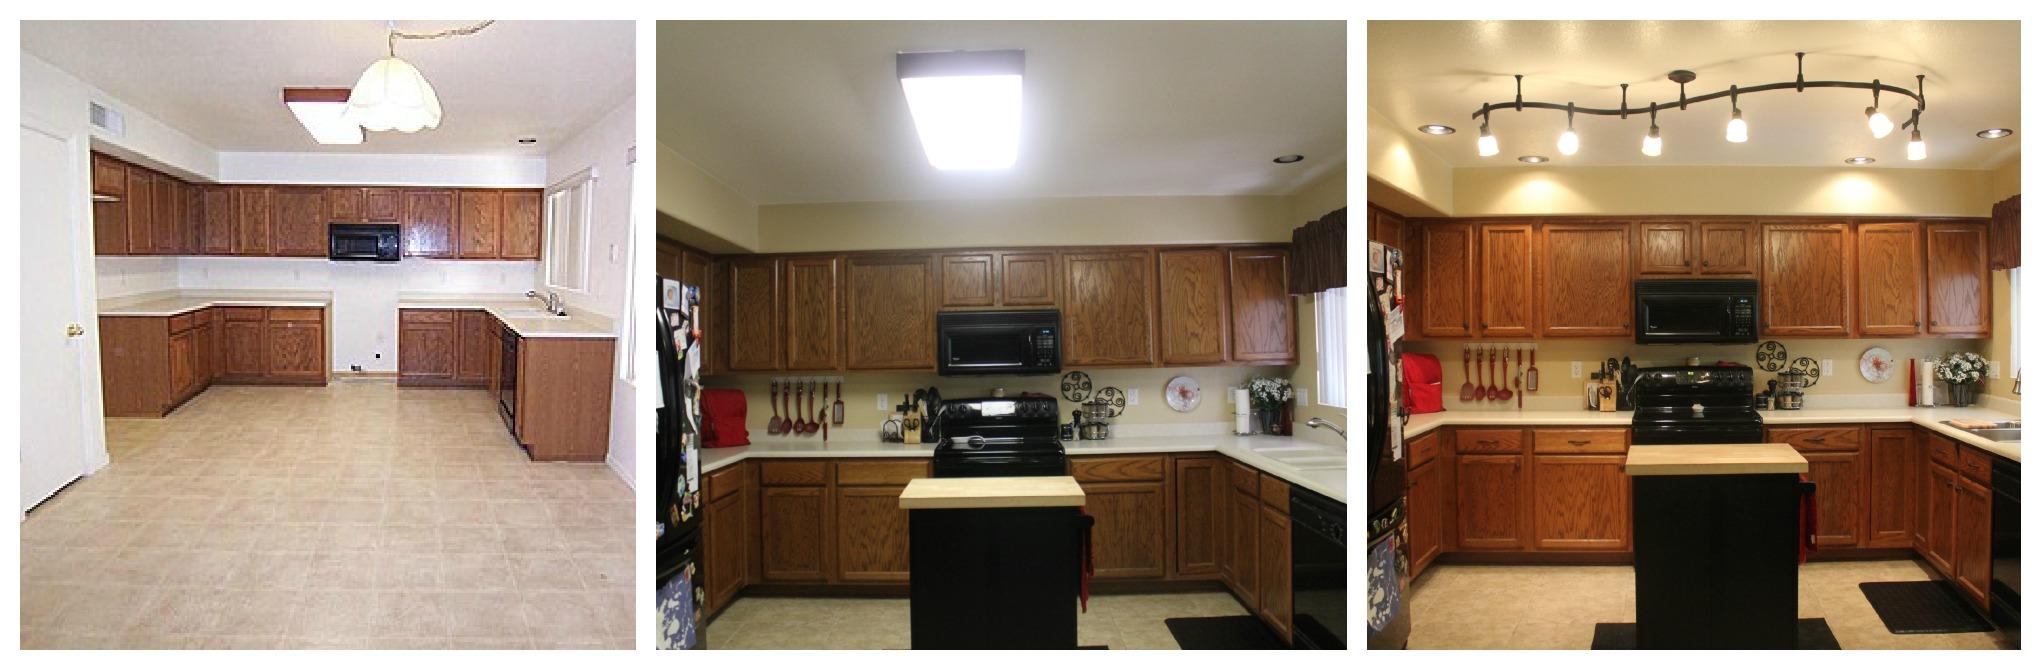 mini kitchen remodel kitchen fluorescent light So